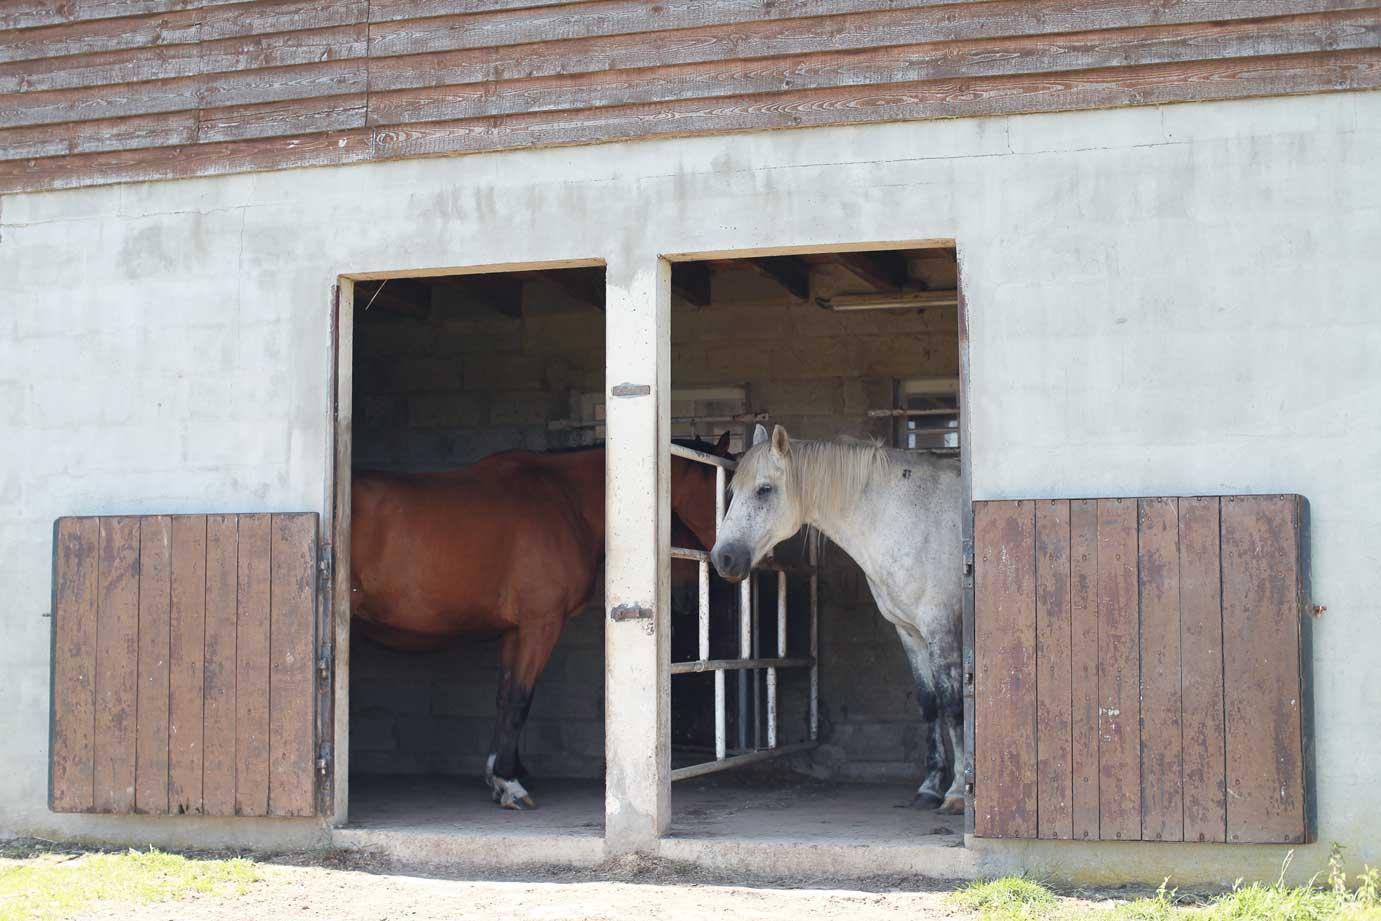 paddocks-chevaux-gite-la-hulotte-broceliande-bretagne